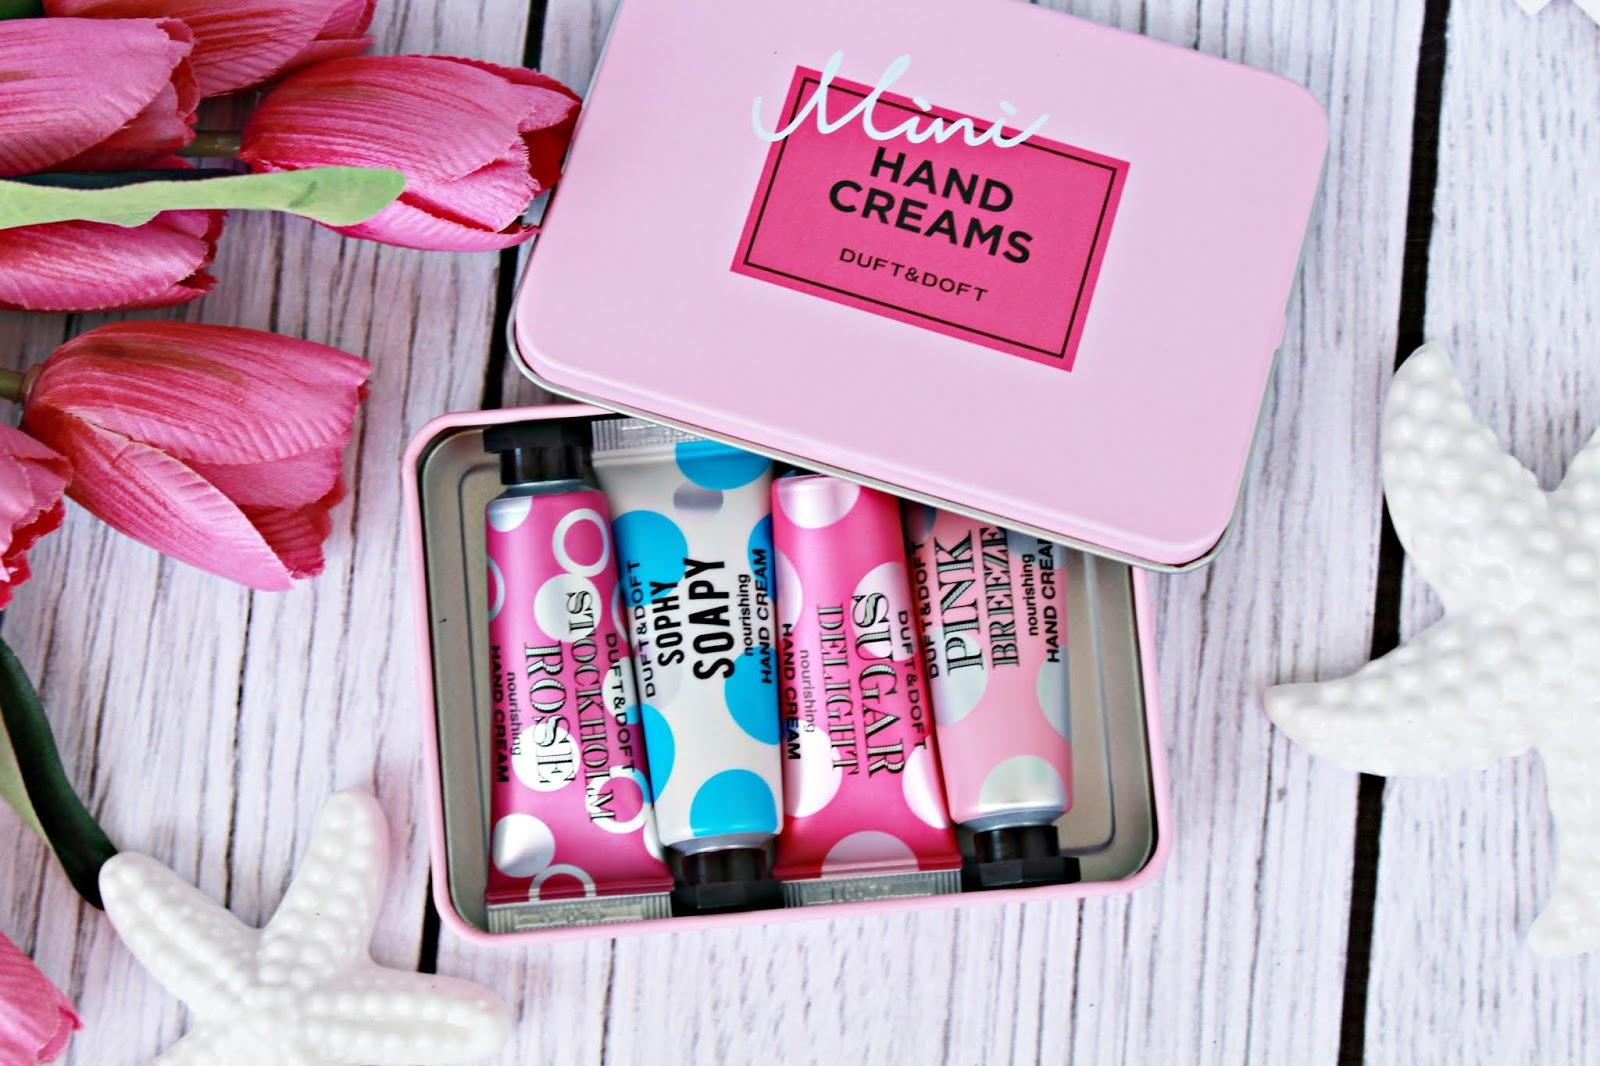 Koreański Hit sprzedaży! Kremy do rąk Mini Hand Creams Duft & Doft  | Zuzka Pisze